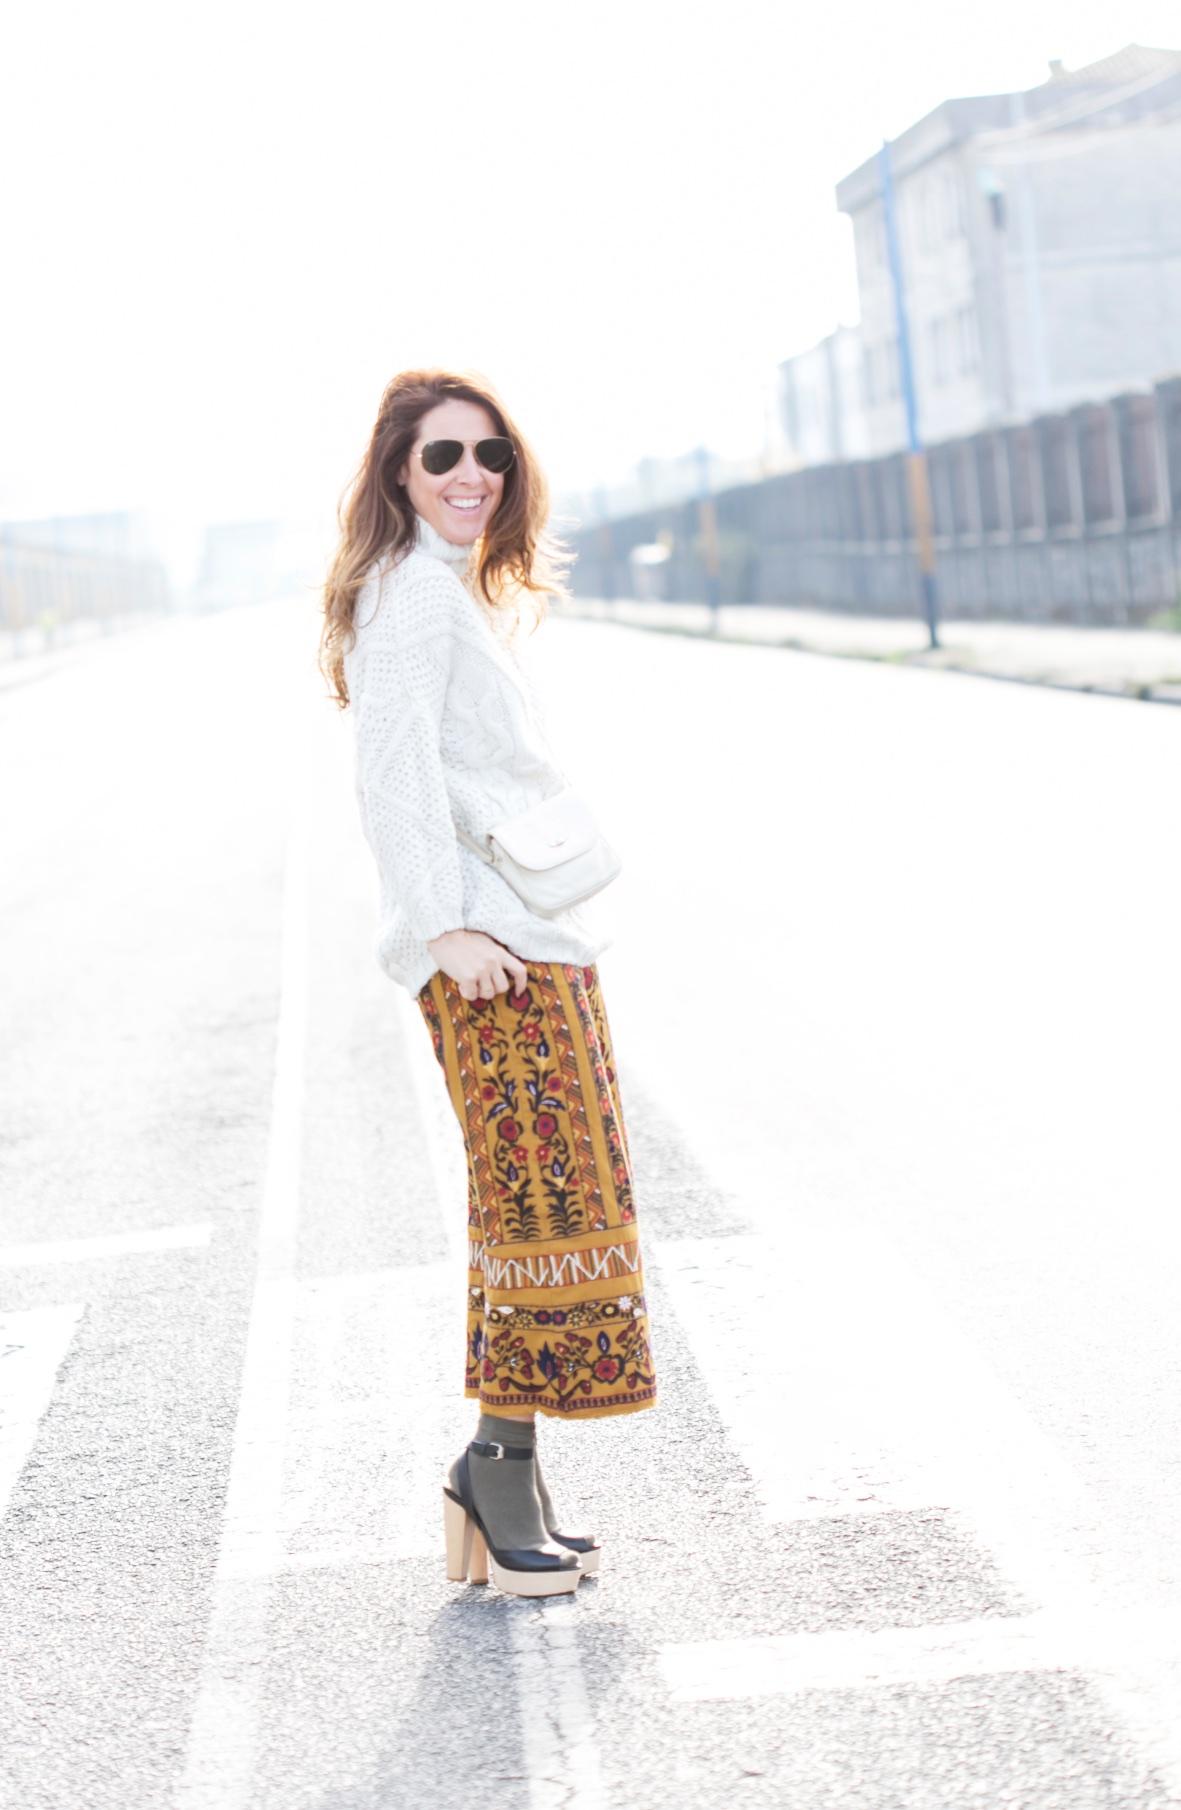 moda-calle-rayban-blogger-coruña-embroidered-trousers-streetstyle-descalzaporelparque